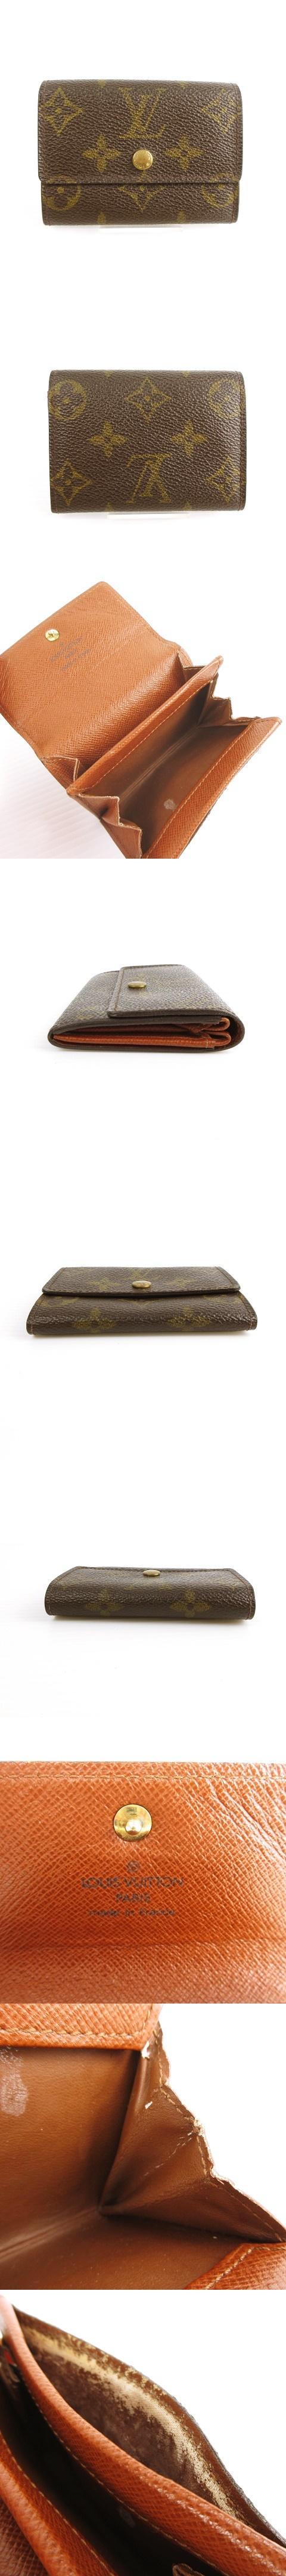 モノグラム ポルトモネ プラ コインケース M61930 カードケース 名刺入れ 小銭入れ 財布 ウォレット ブラウン 茶